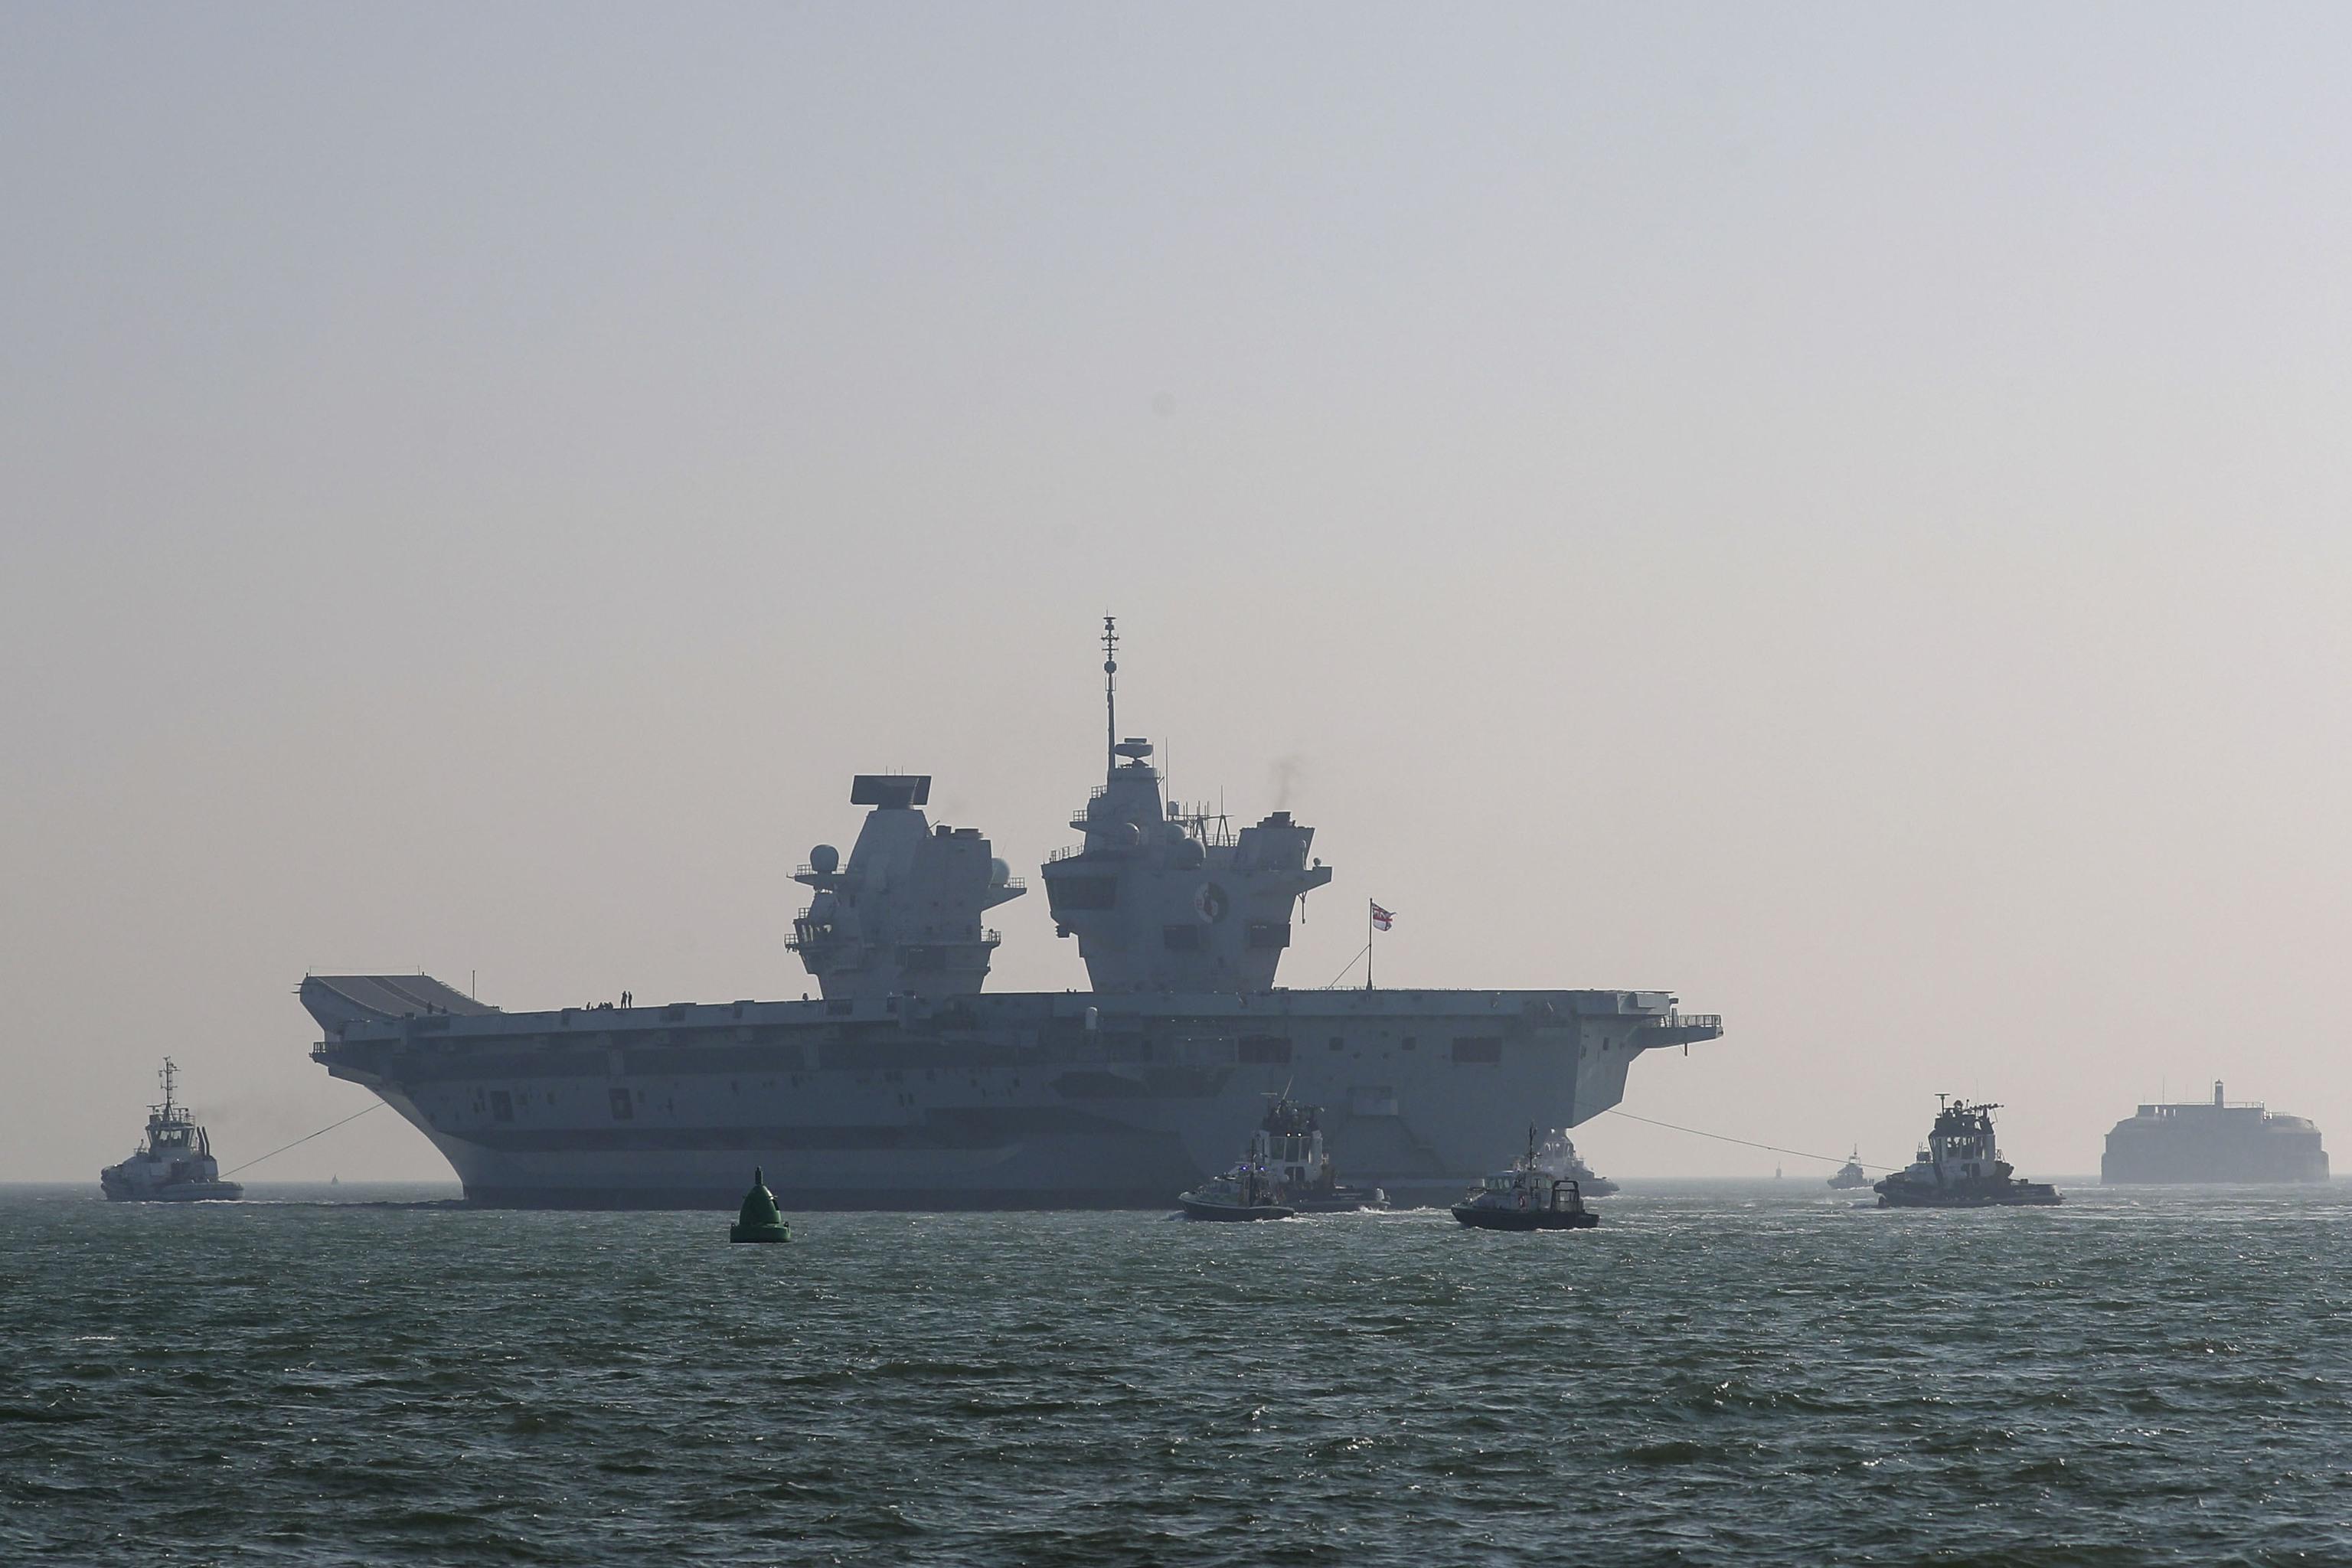 El portaaviones de la Royal Navy, HMS Queen Elizabeth.